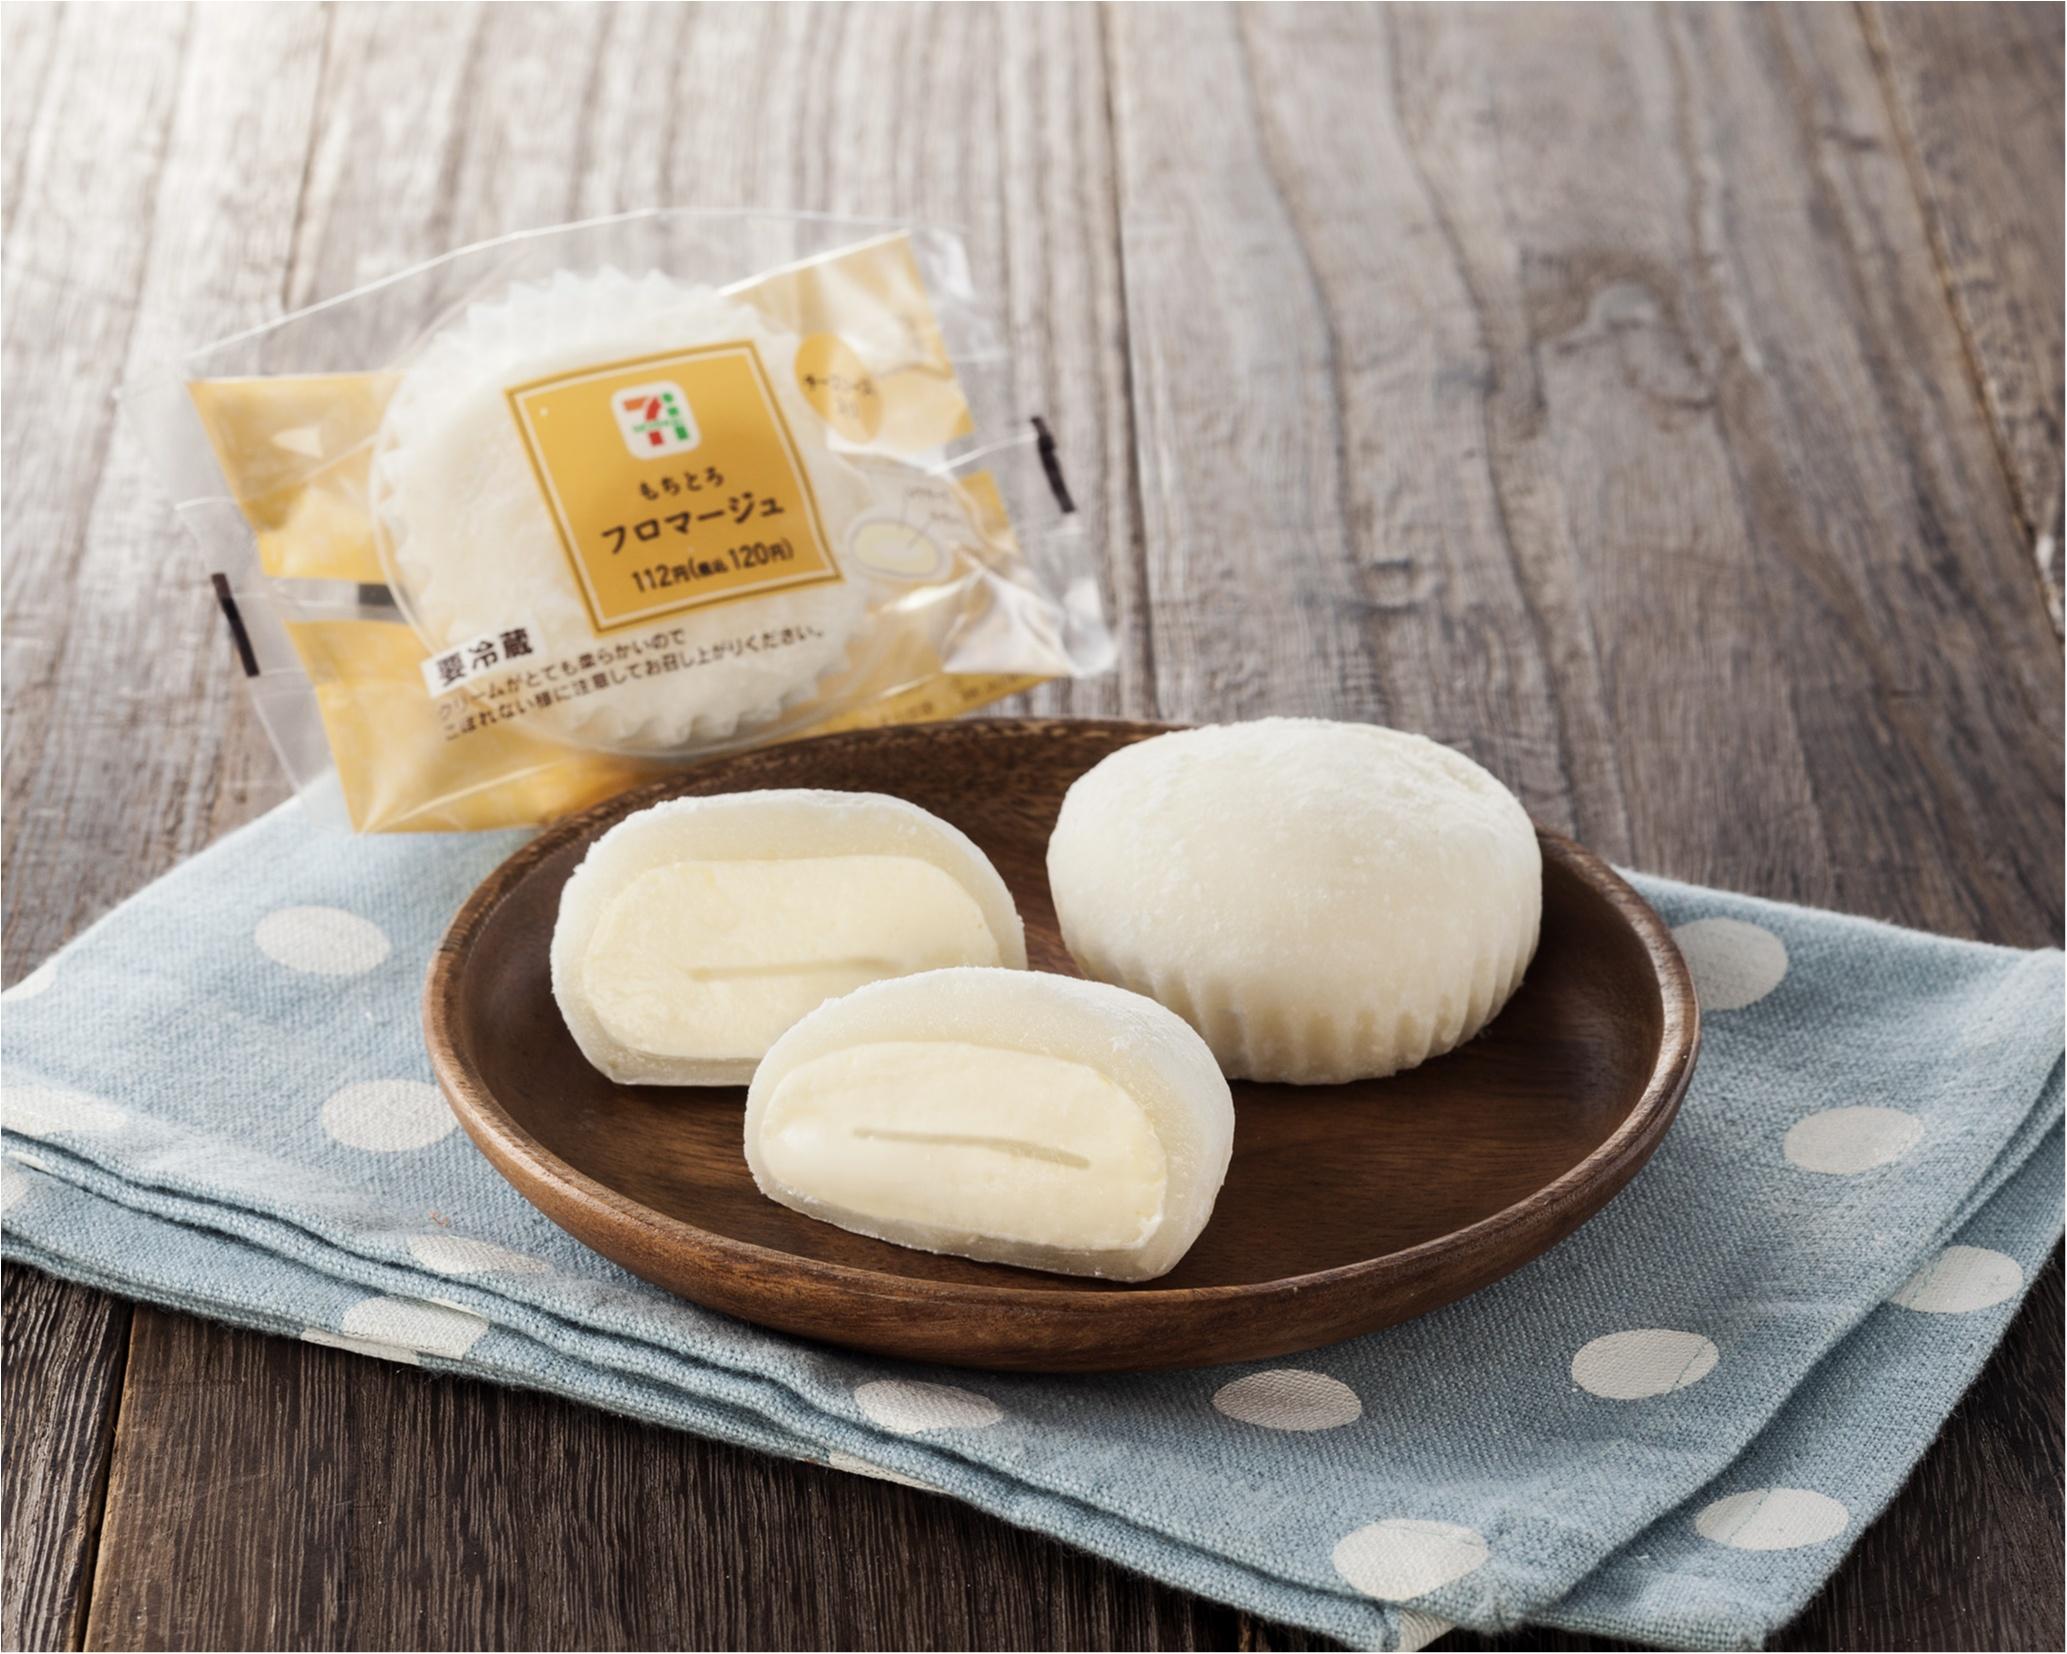 【11月11日はチーズの日♡】『セブンーイレブン』で魅惑の「チーズスイーツフェア」開催中! 全商品見せます♡_1_2